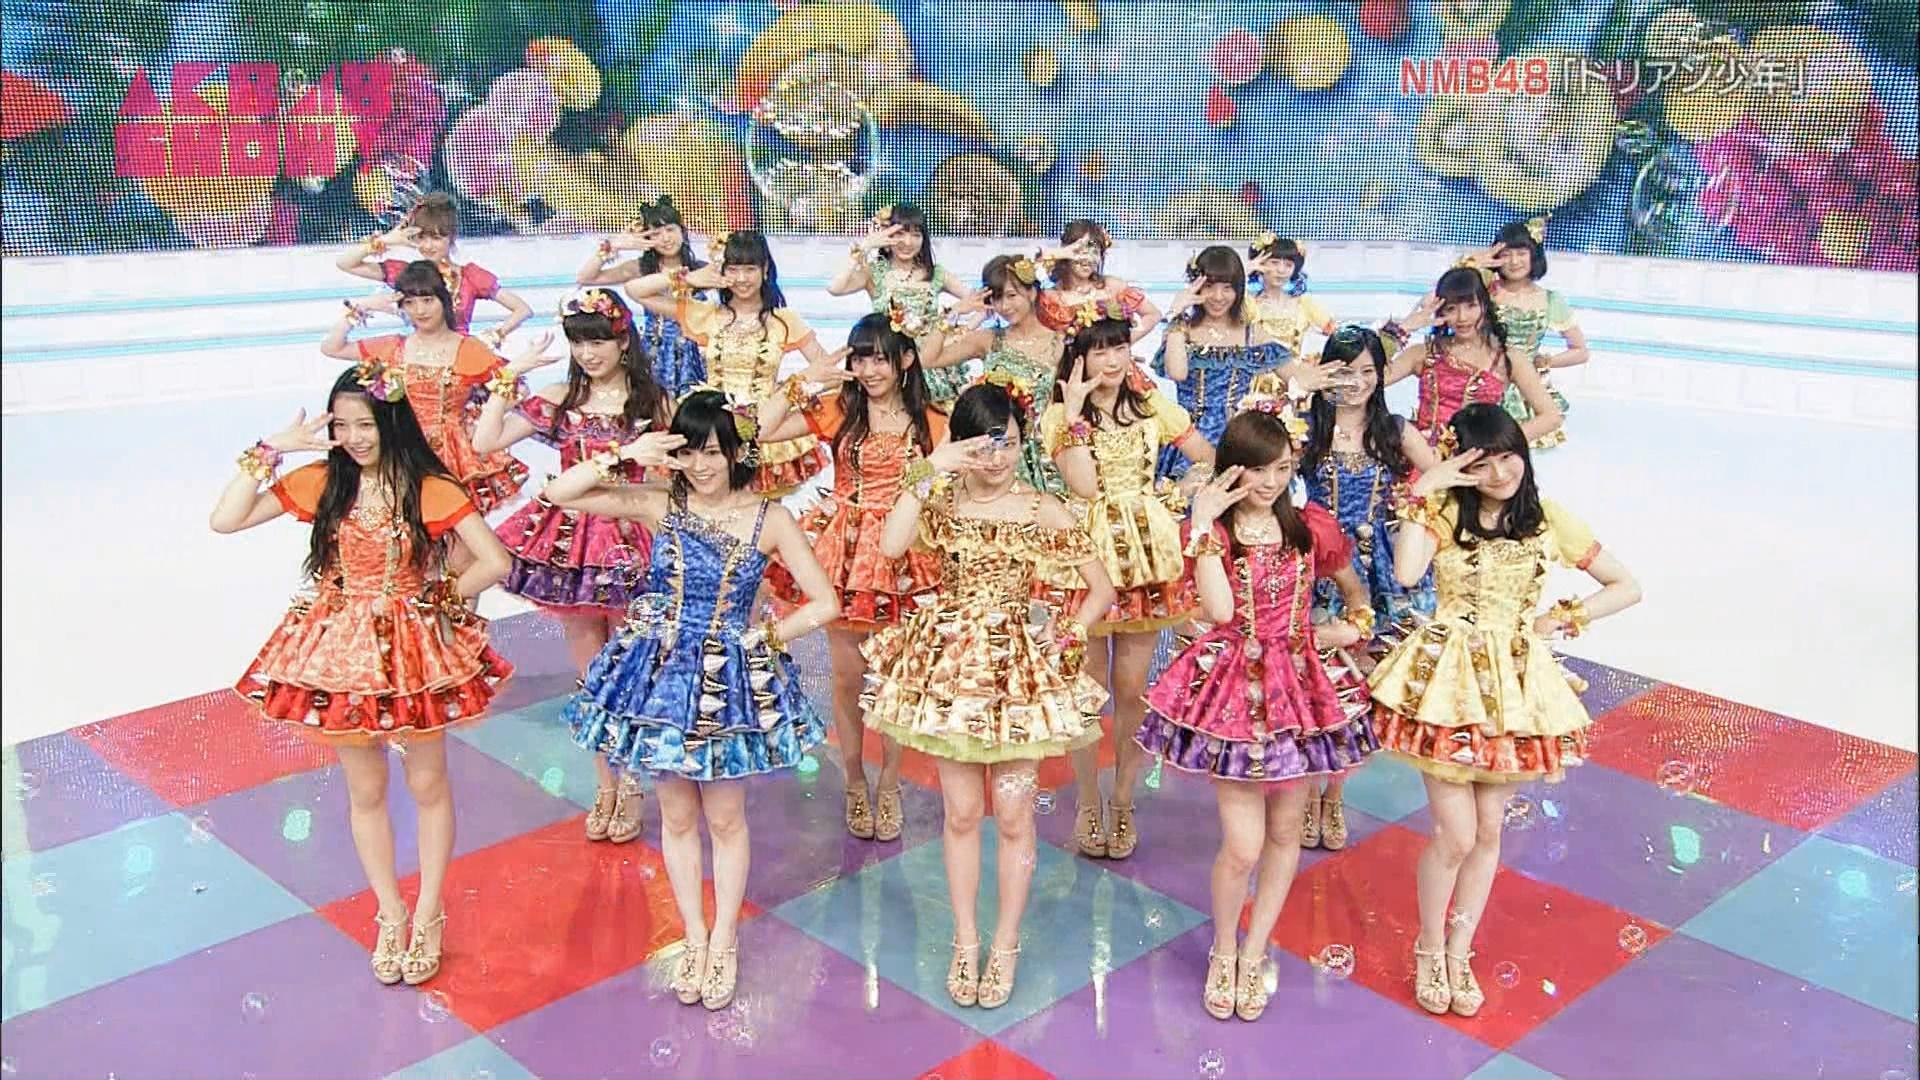 矢倉楓子専用 NMB48ドリアン少年 AKB48SHOW(2015年6月13日) | 黒髪少女